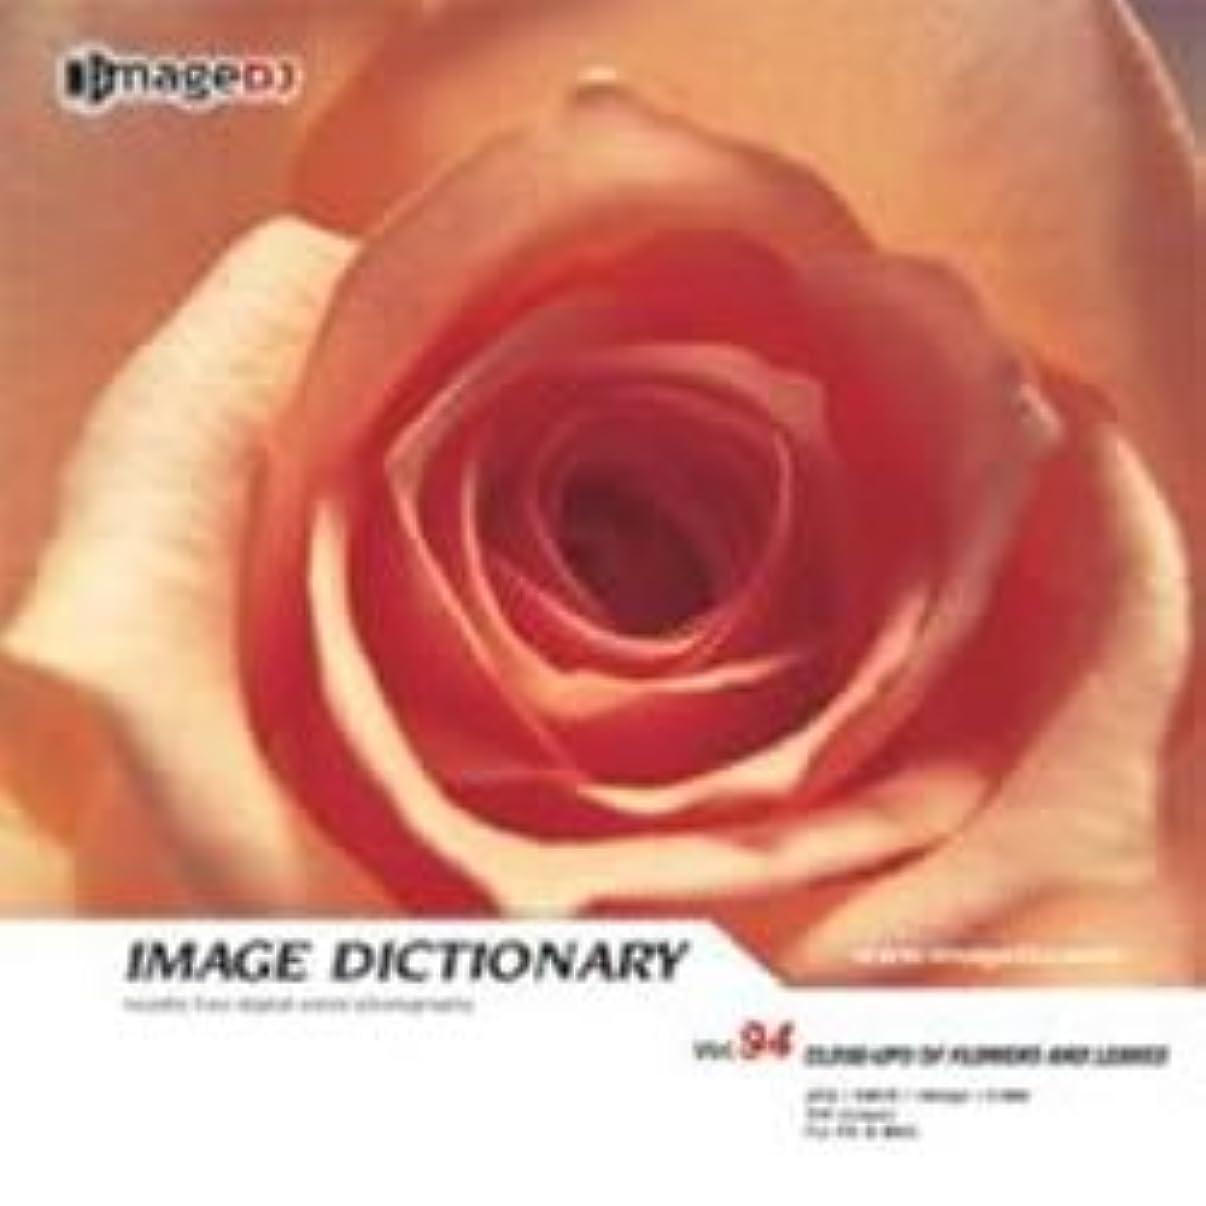 イメージ ディクショナリー Vol.94 花と葉の接写